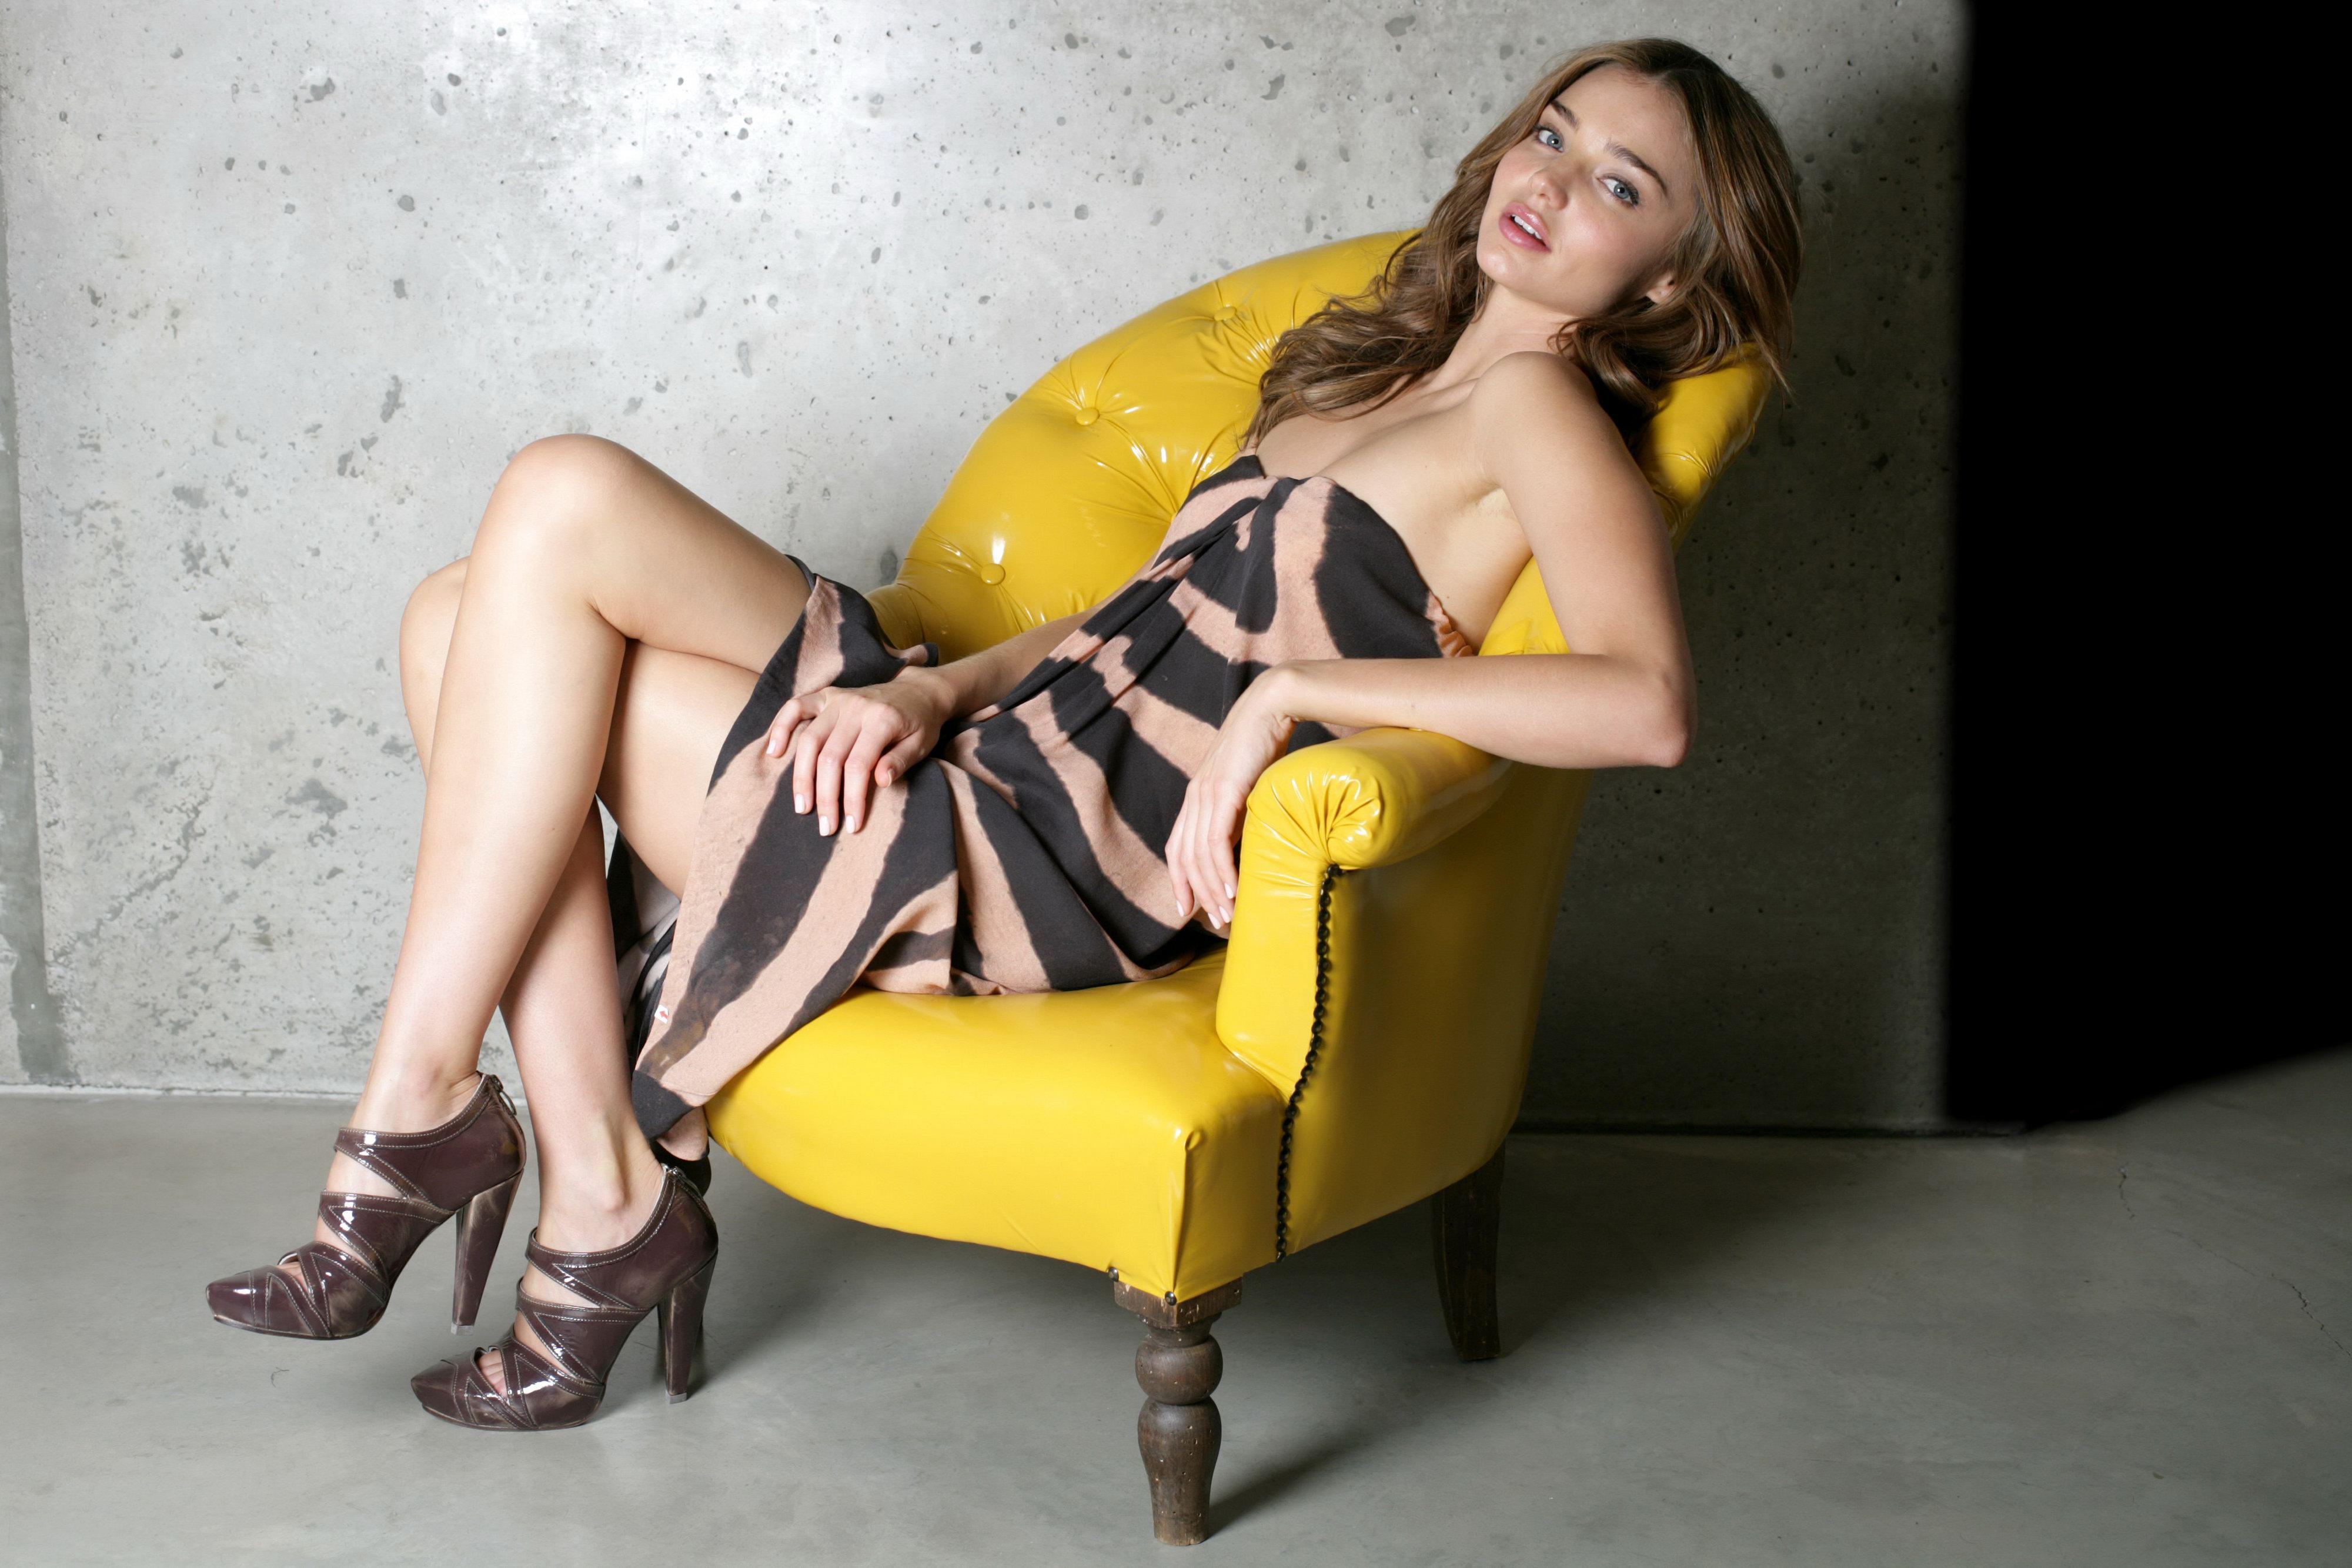 Фото девушек в креслах 1 фотография